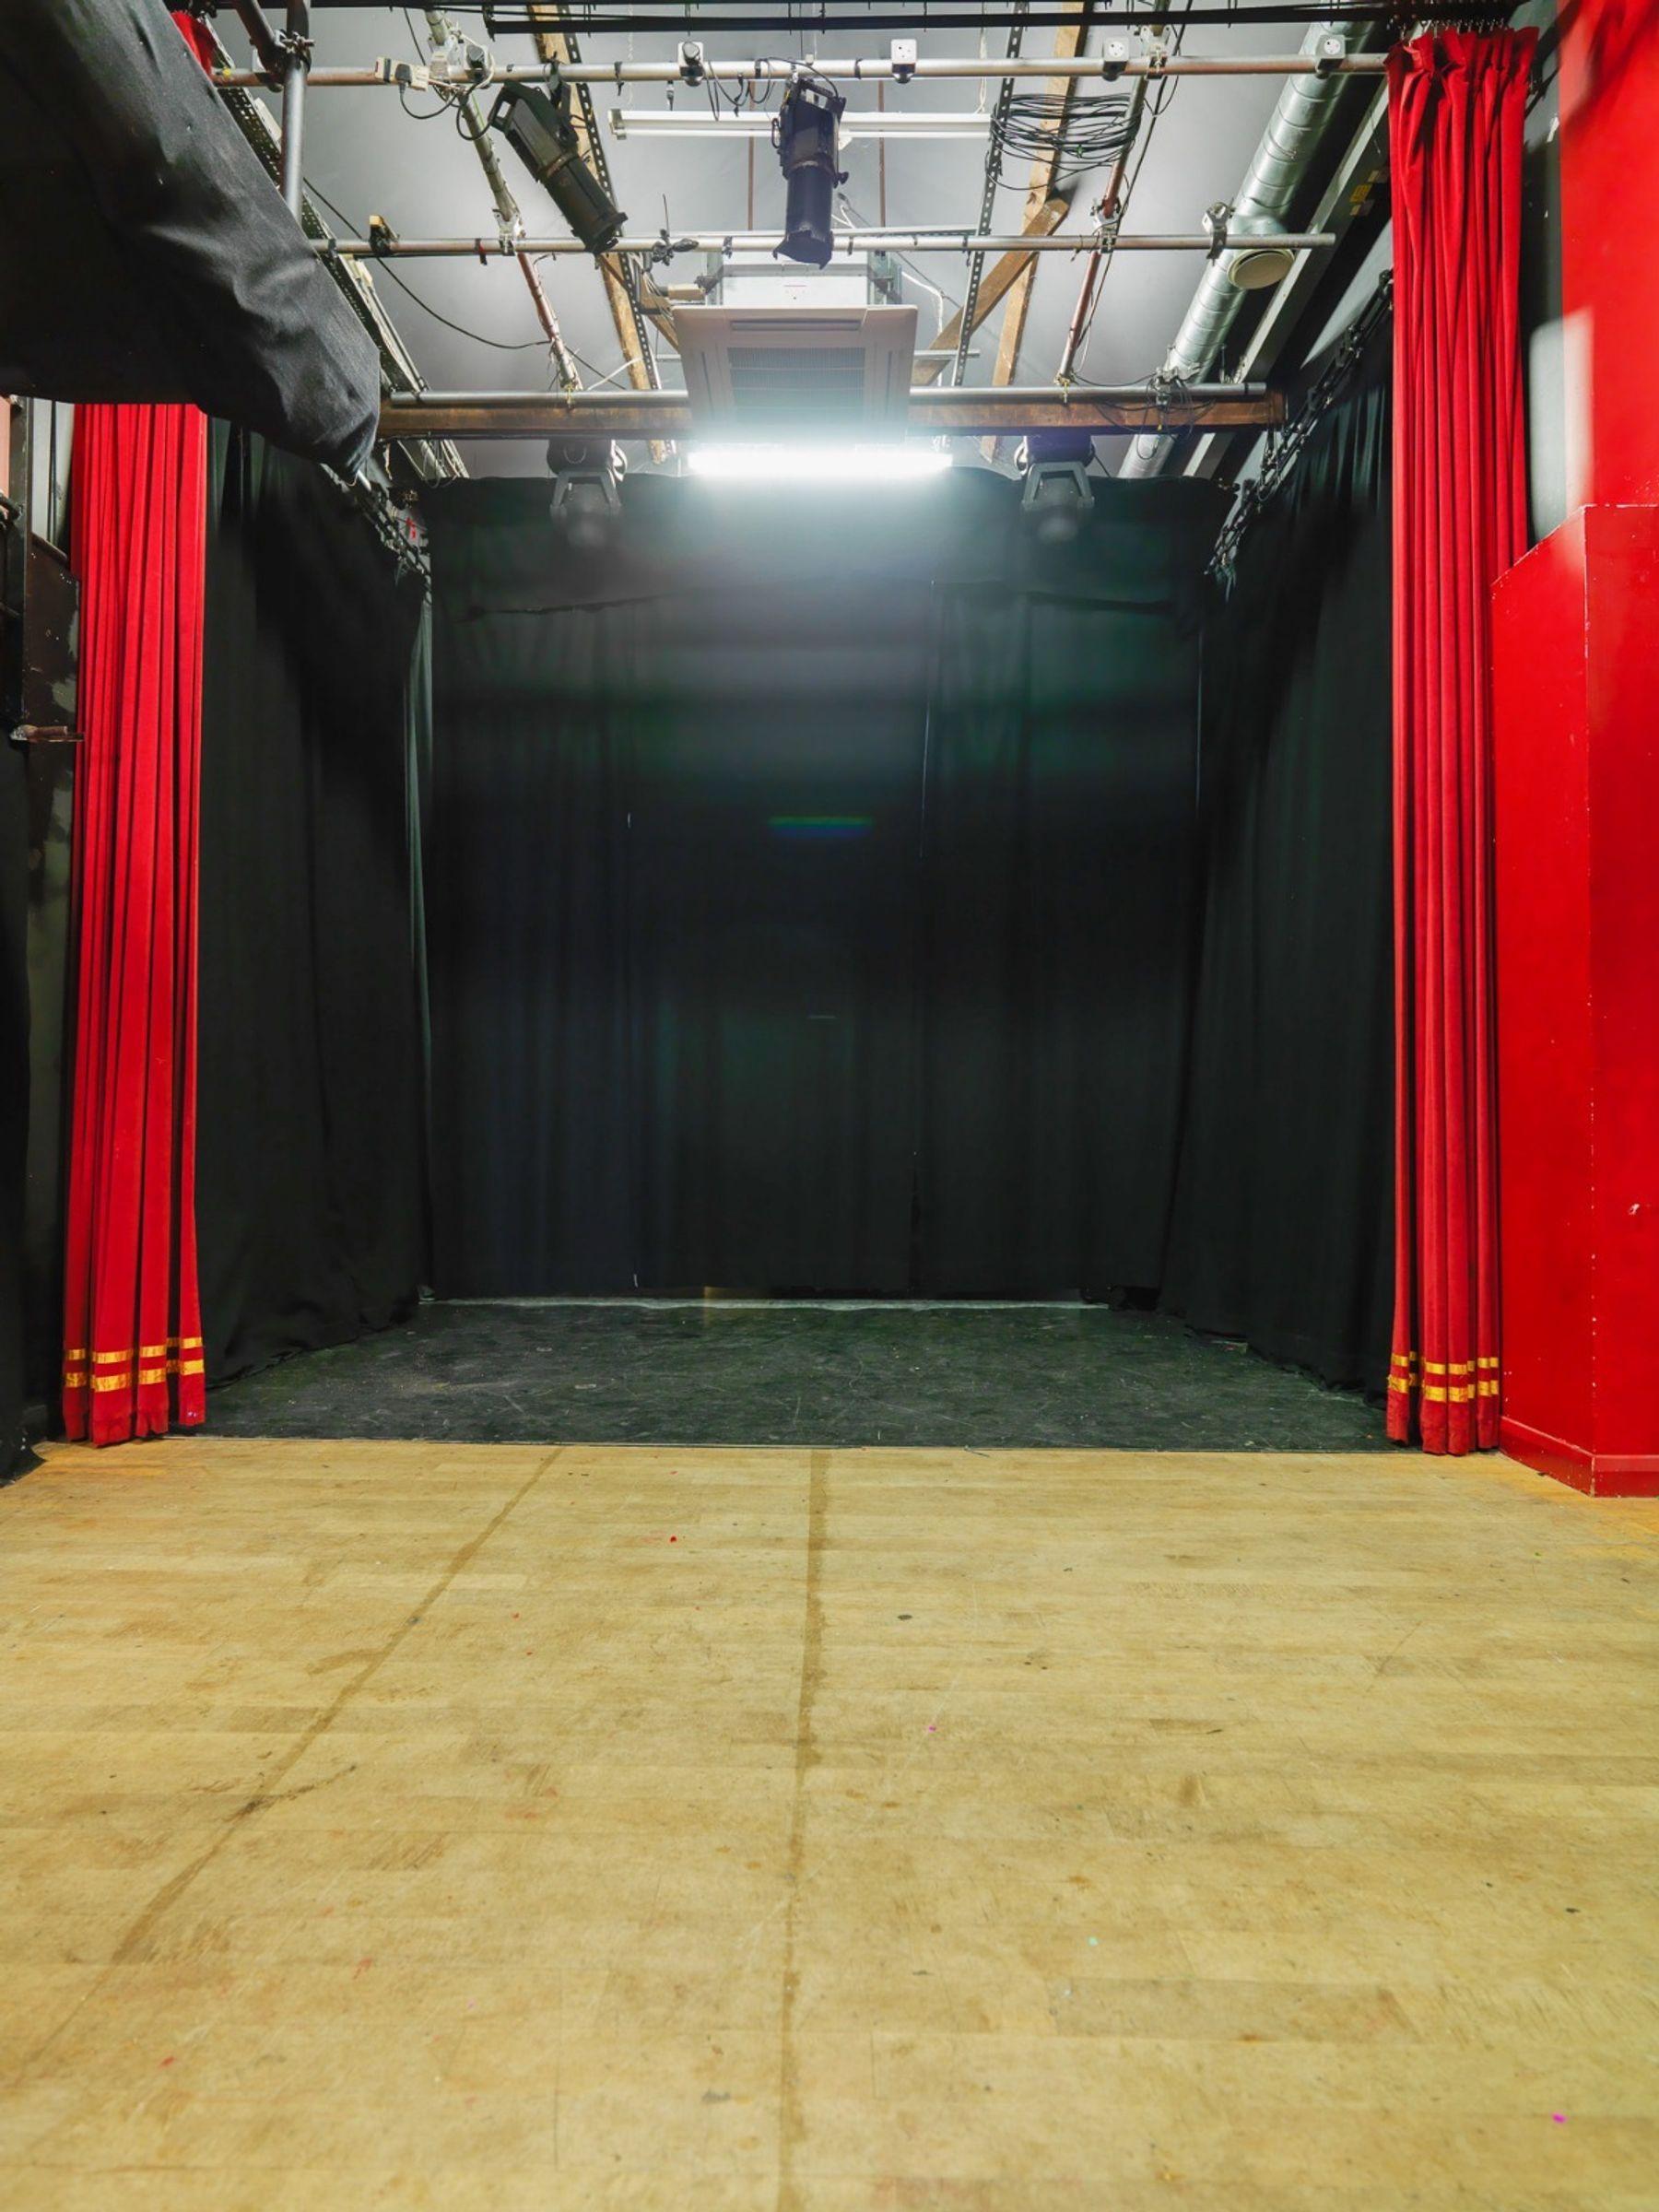 Theatre (9am-5pm)